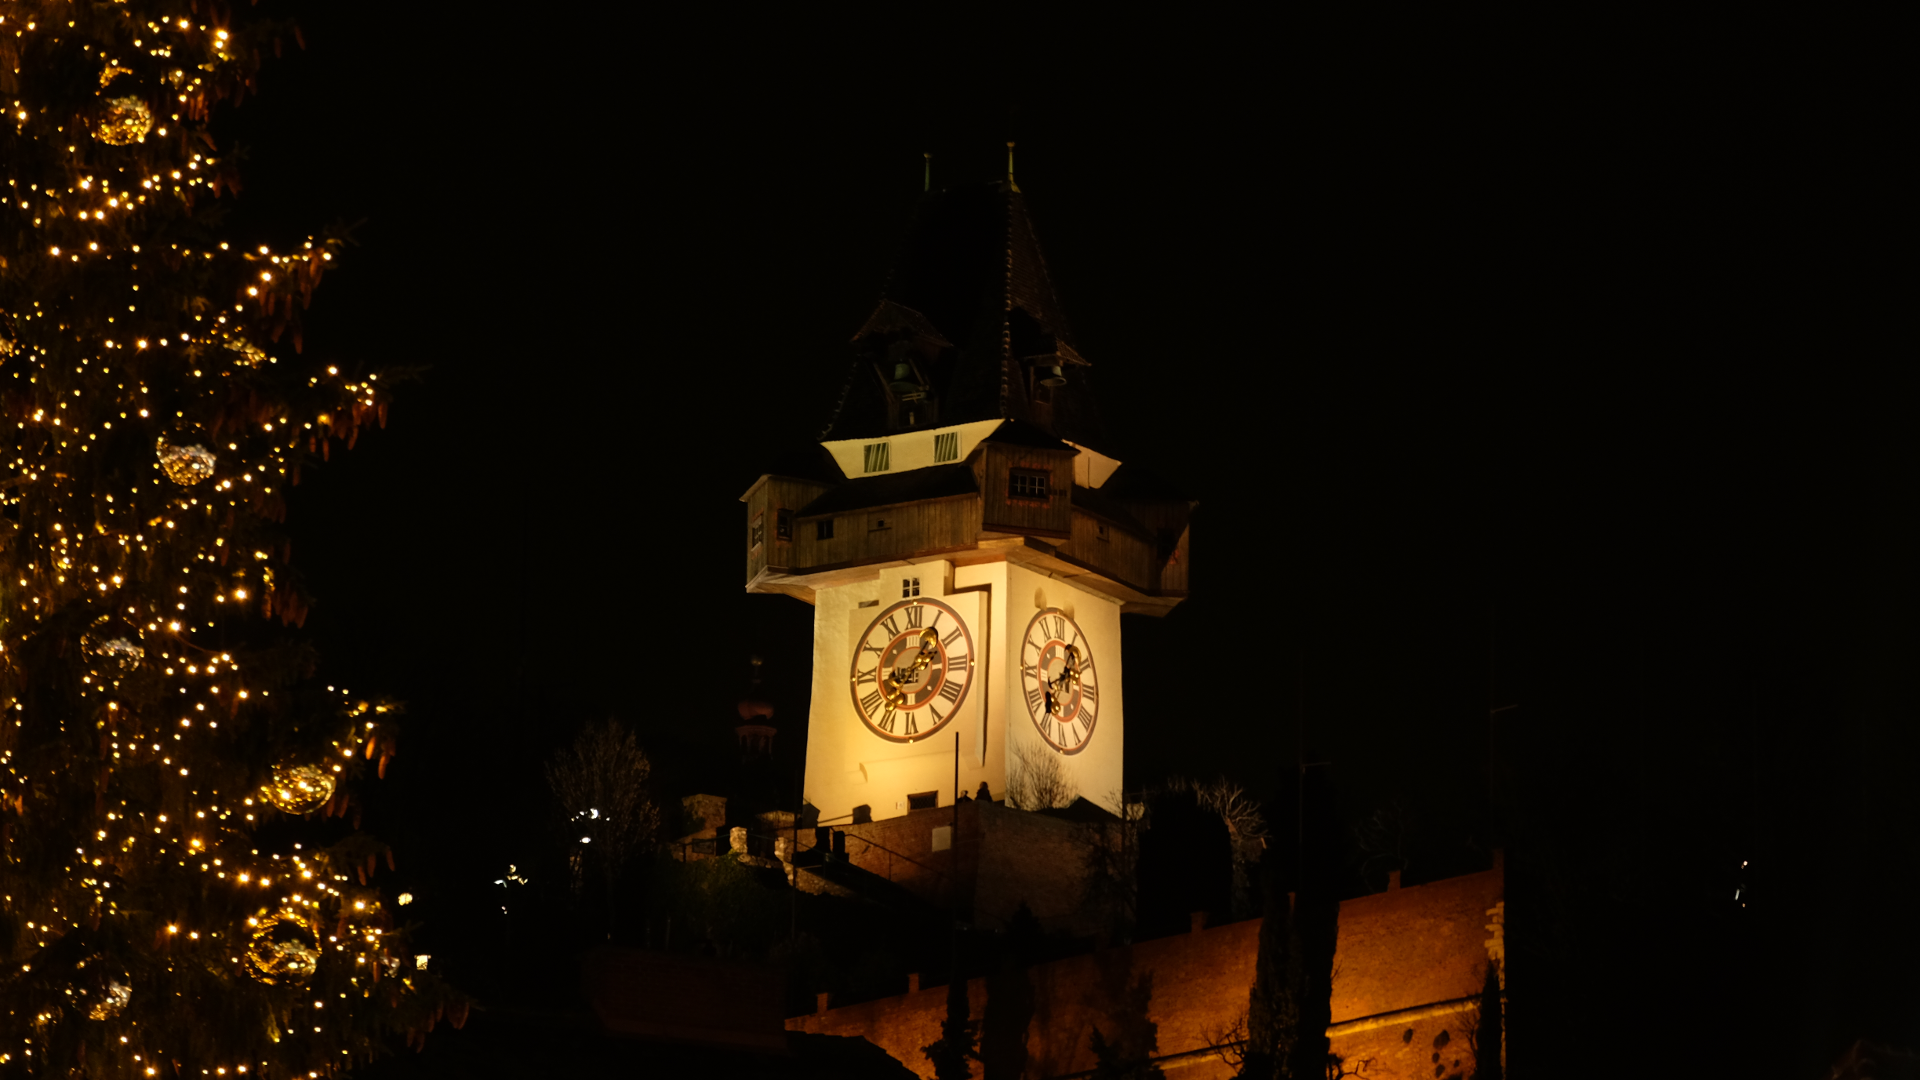 Schlossberg-Graz-Uhrturm-Weihnachten-Neujahr